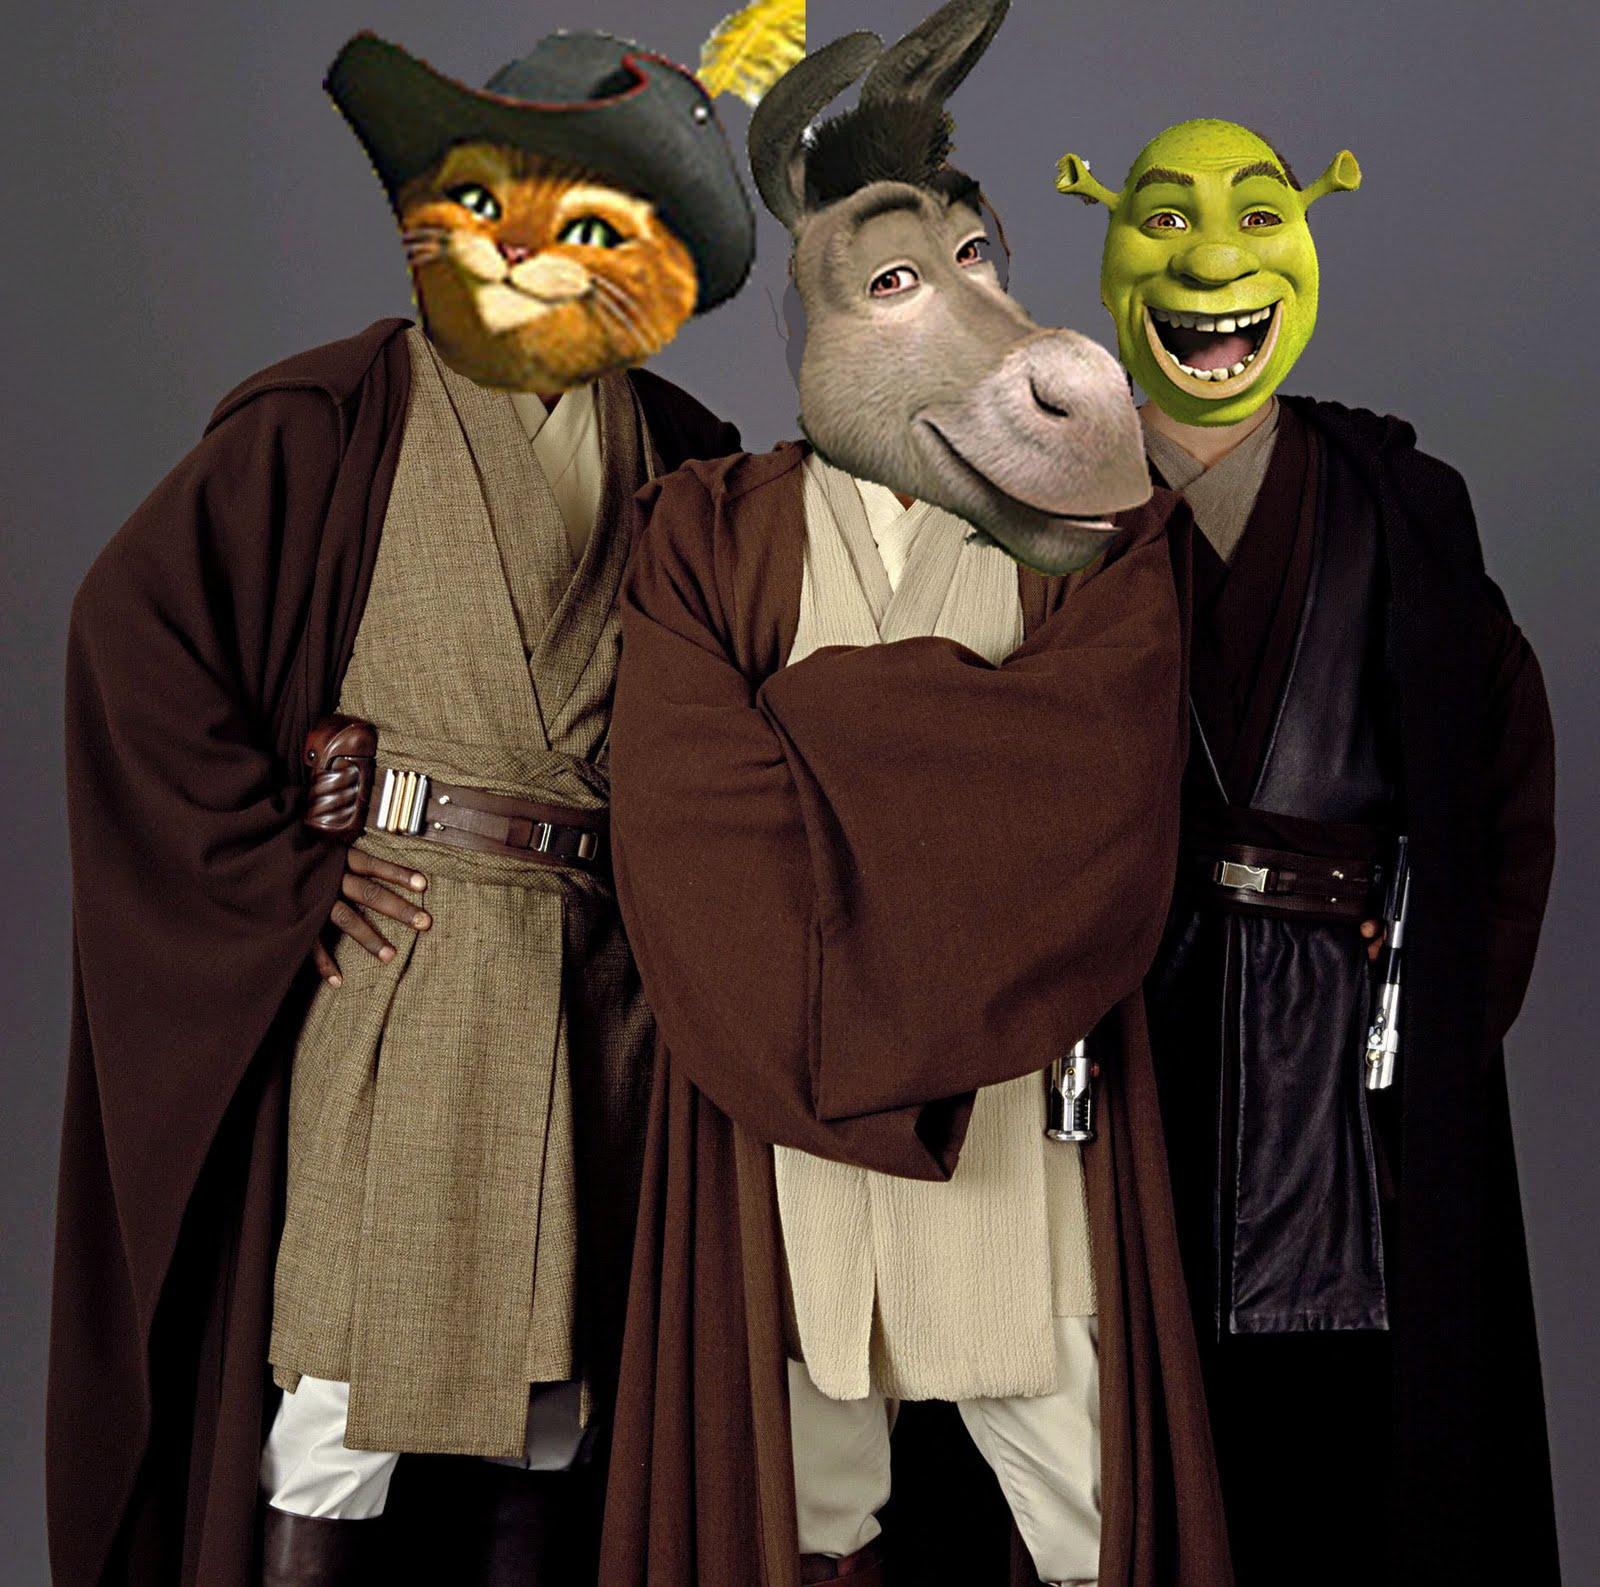 http://4.bp.blogspot.com/_w0zGO3q_U6o/TR4uvPu_1fI/AAAAAAAAAOU/RV66jzUJEpY/s1600/Jedi.jpg